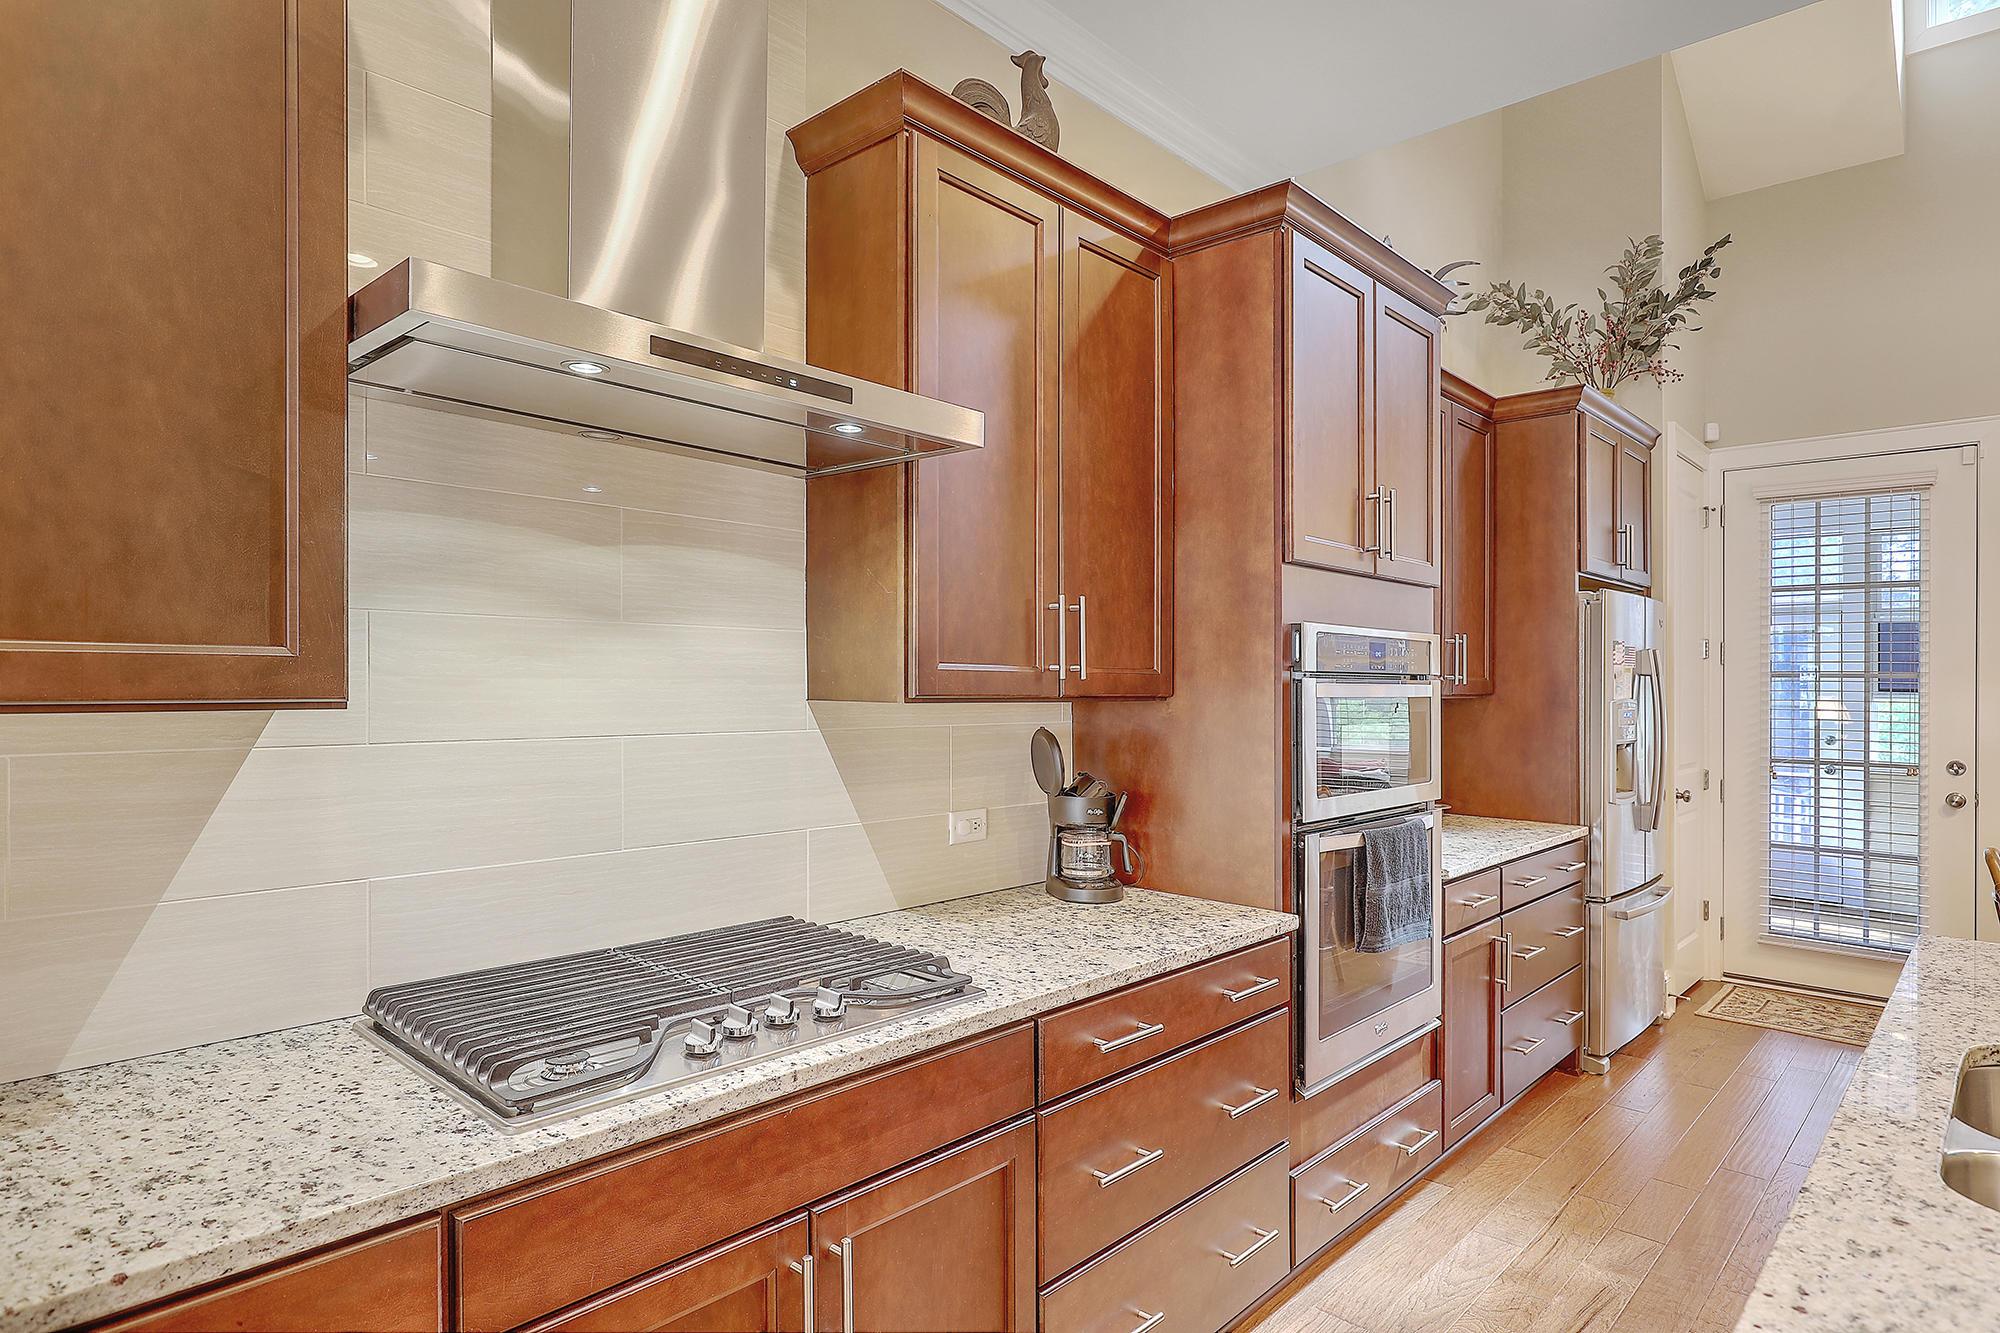 Dunes West Homes For Sale - 3171 Sturbridge, Mount Pleasant, SC - 56